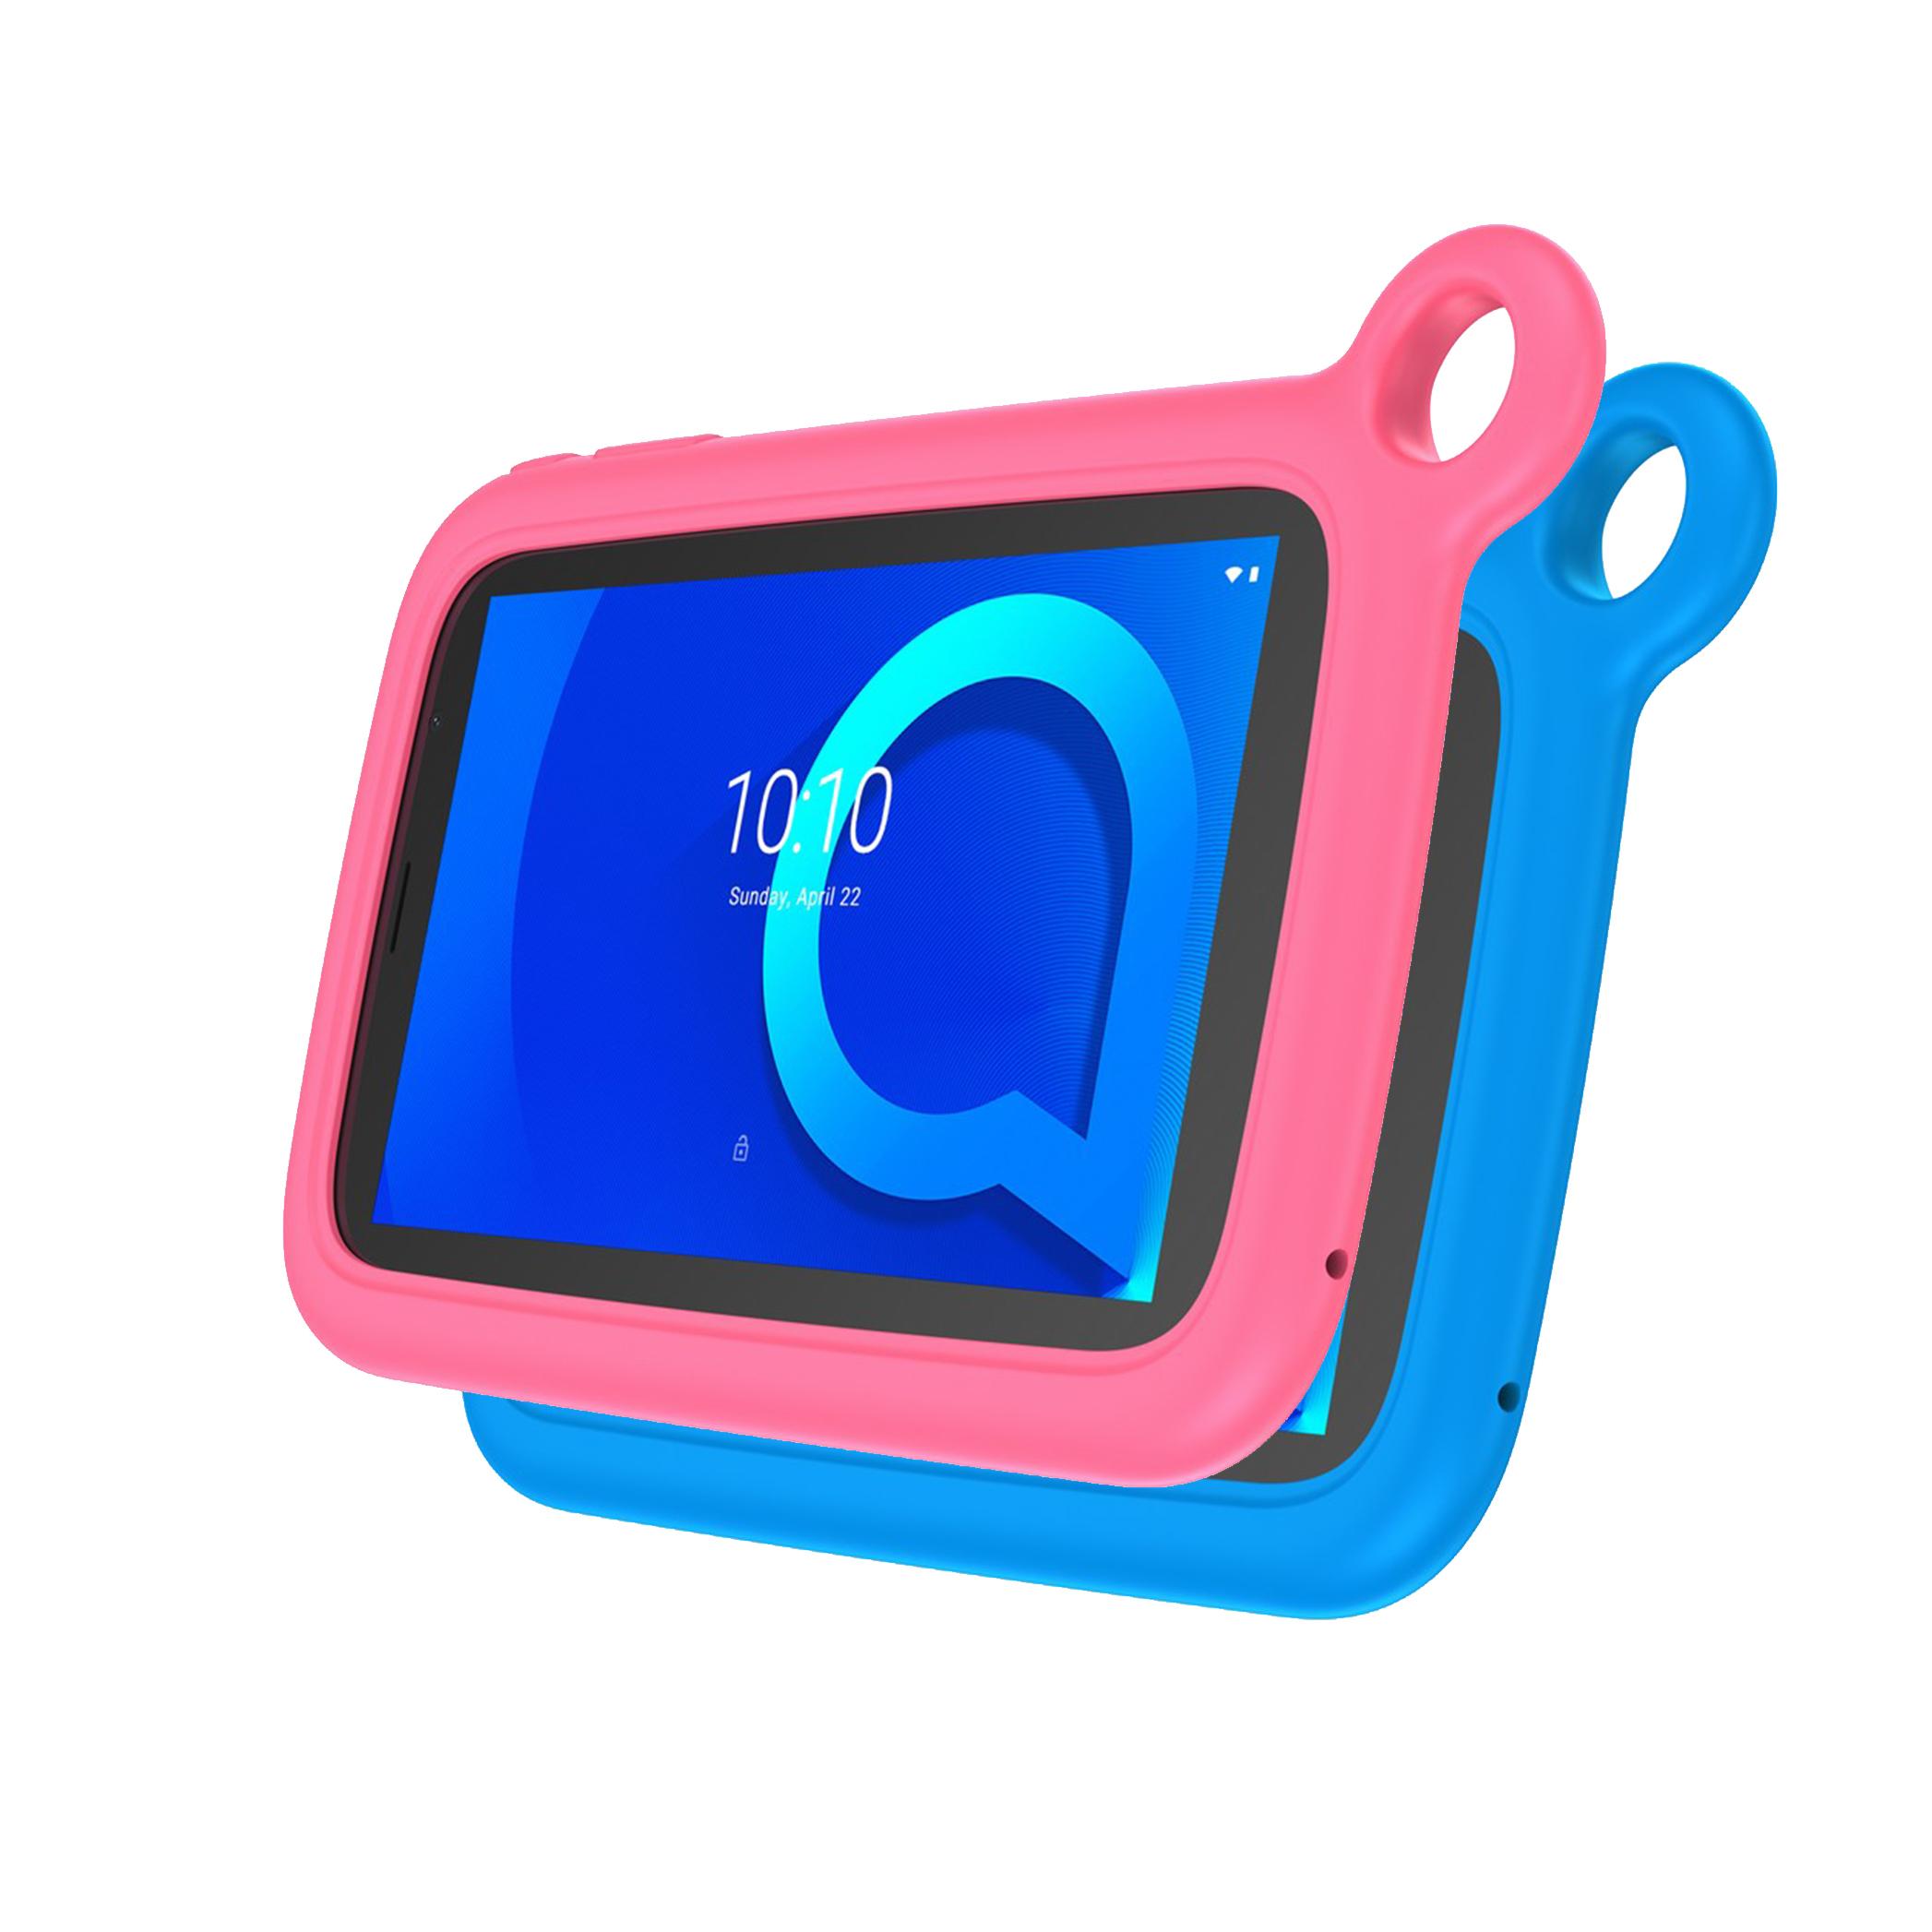 Dětské tablety Alcatel 1T patří mezi nejlevnější dětské tablety na trhu